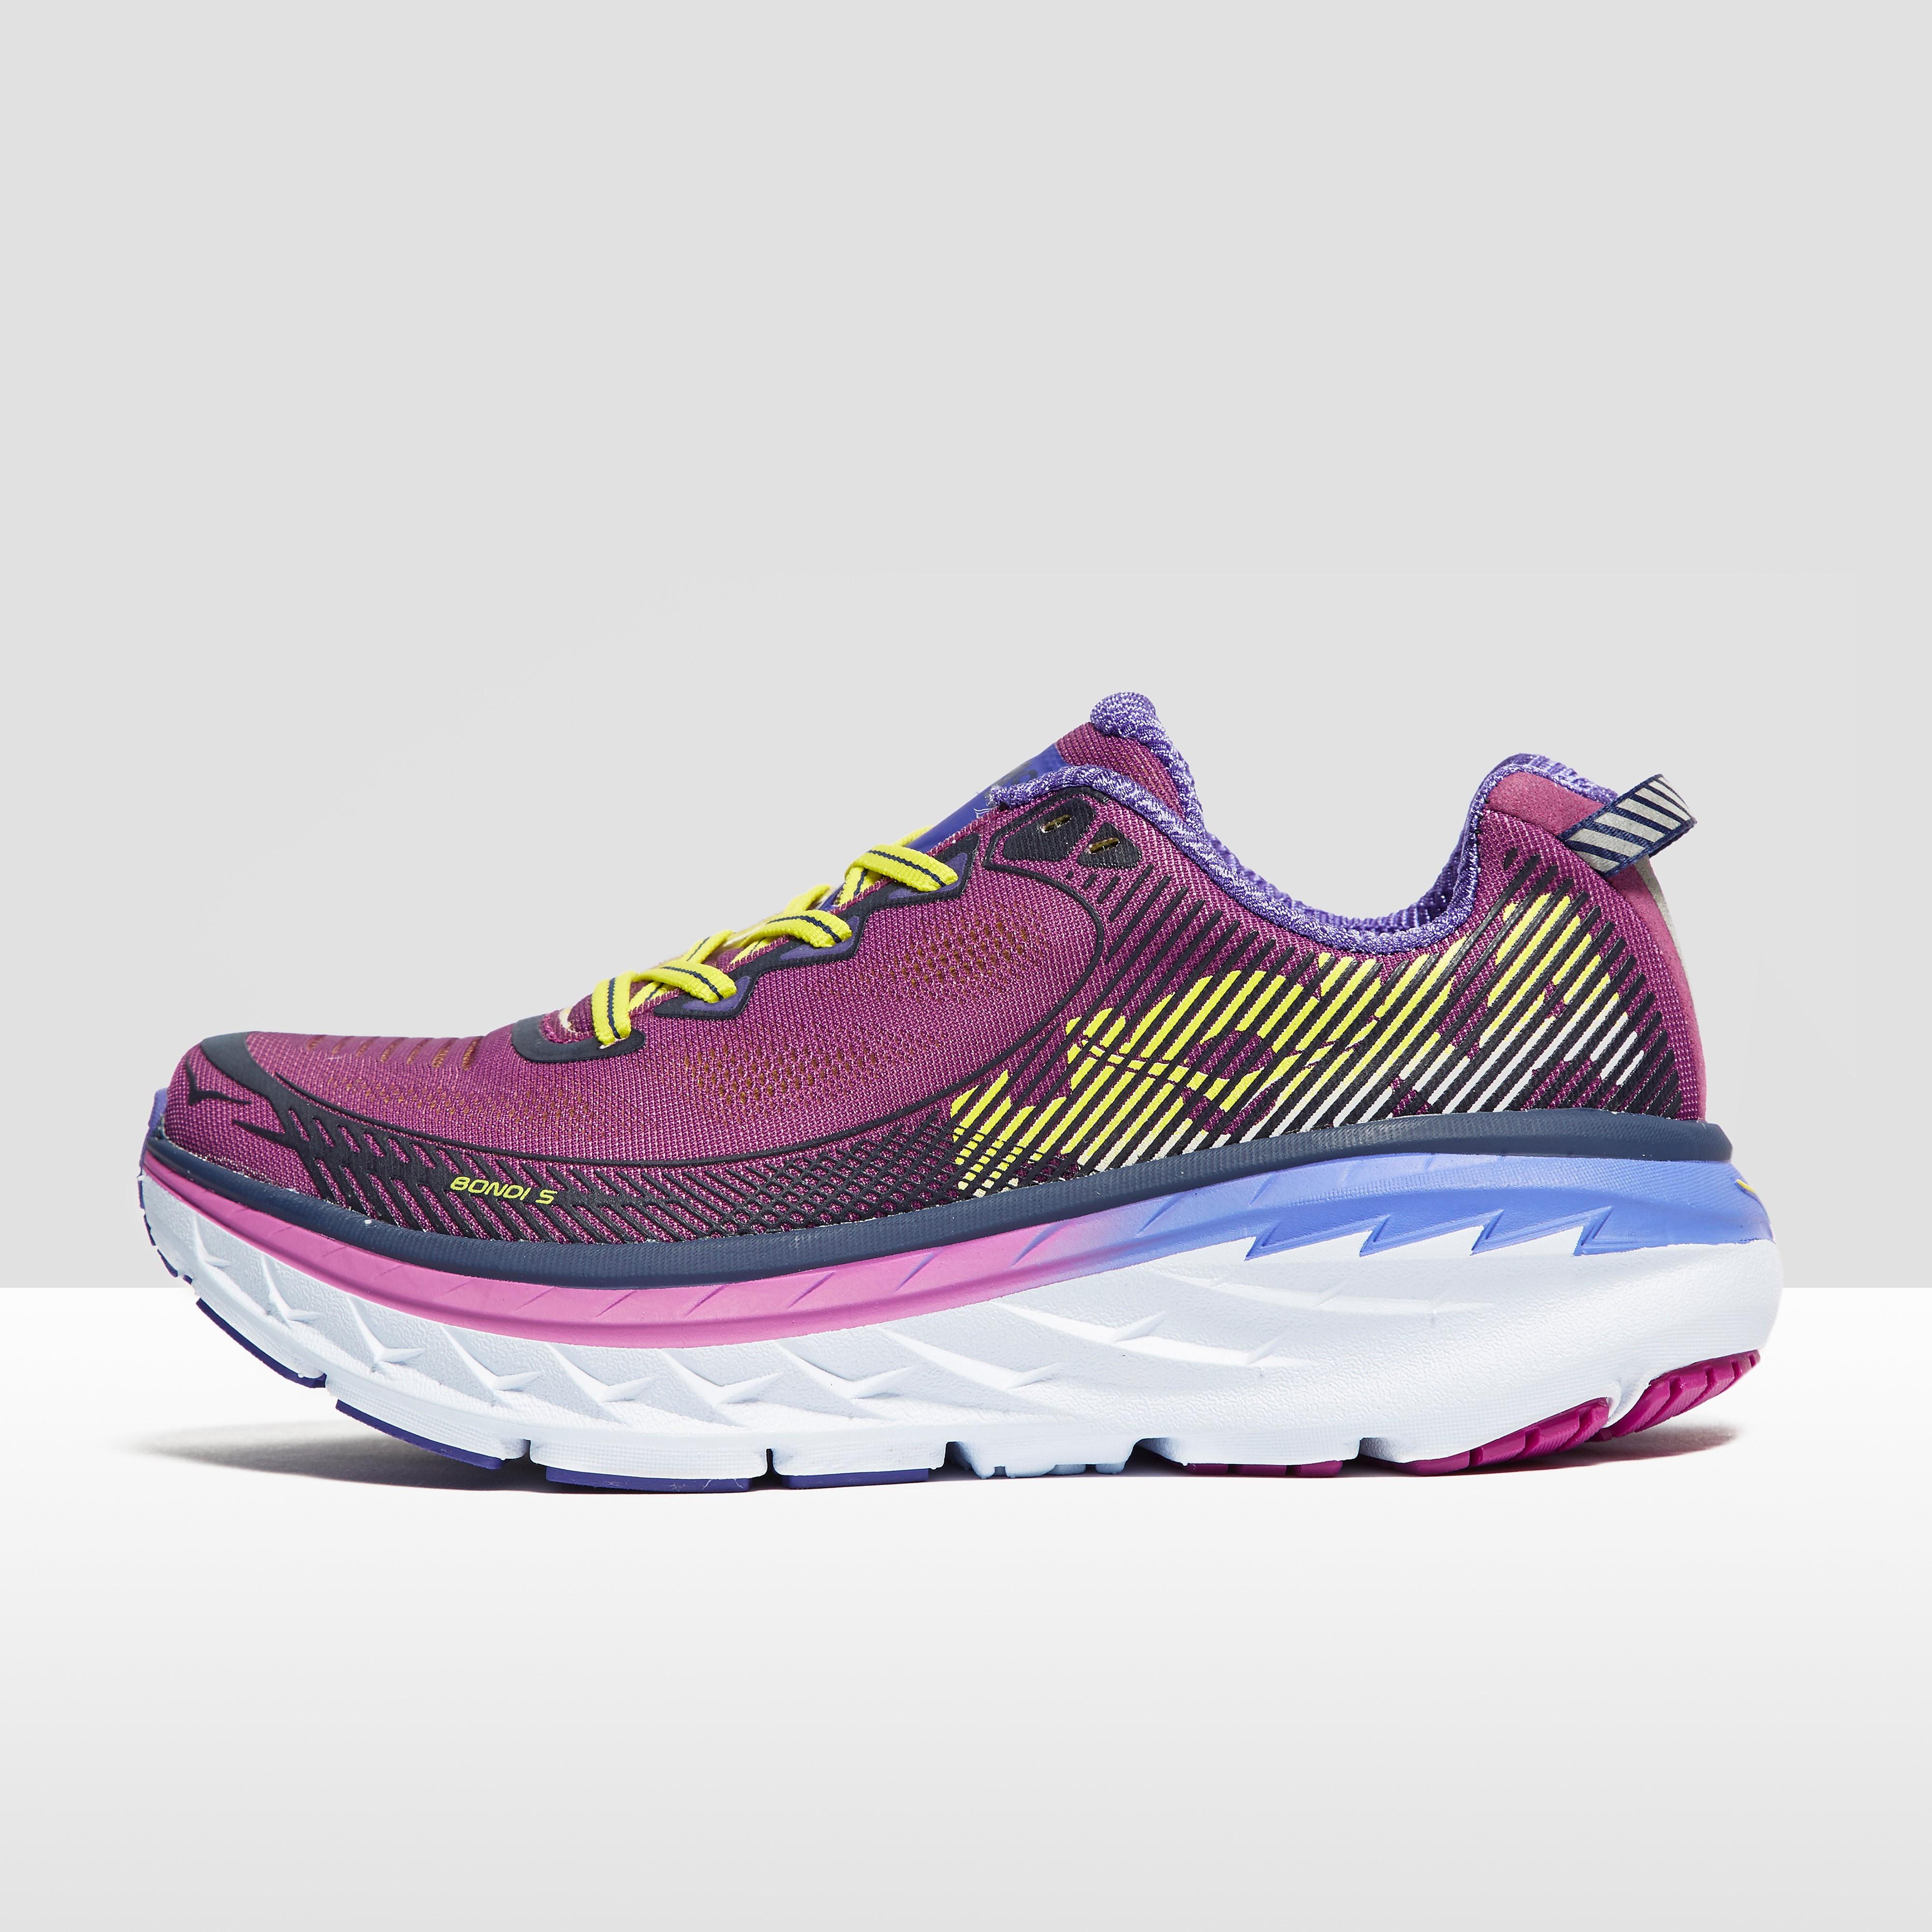 Hoka One One Bondi 5 Women's Running Shoe